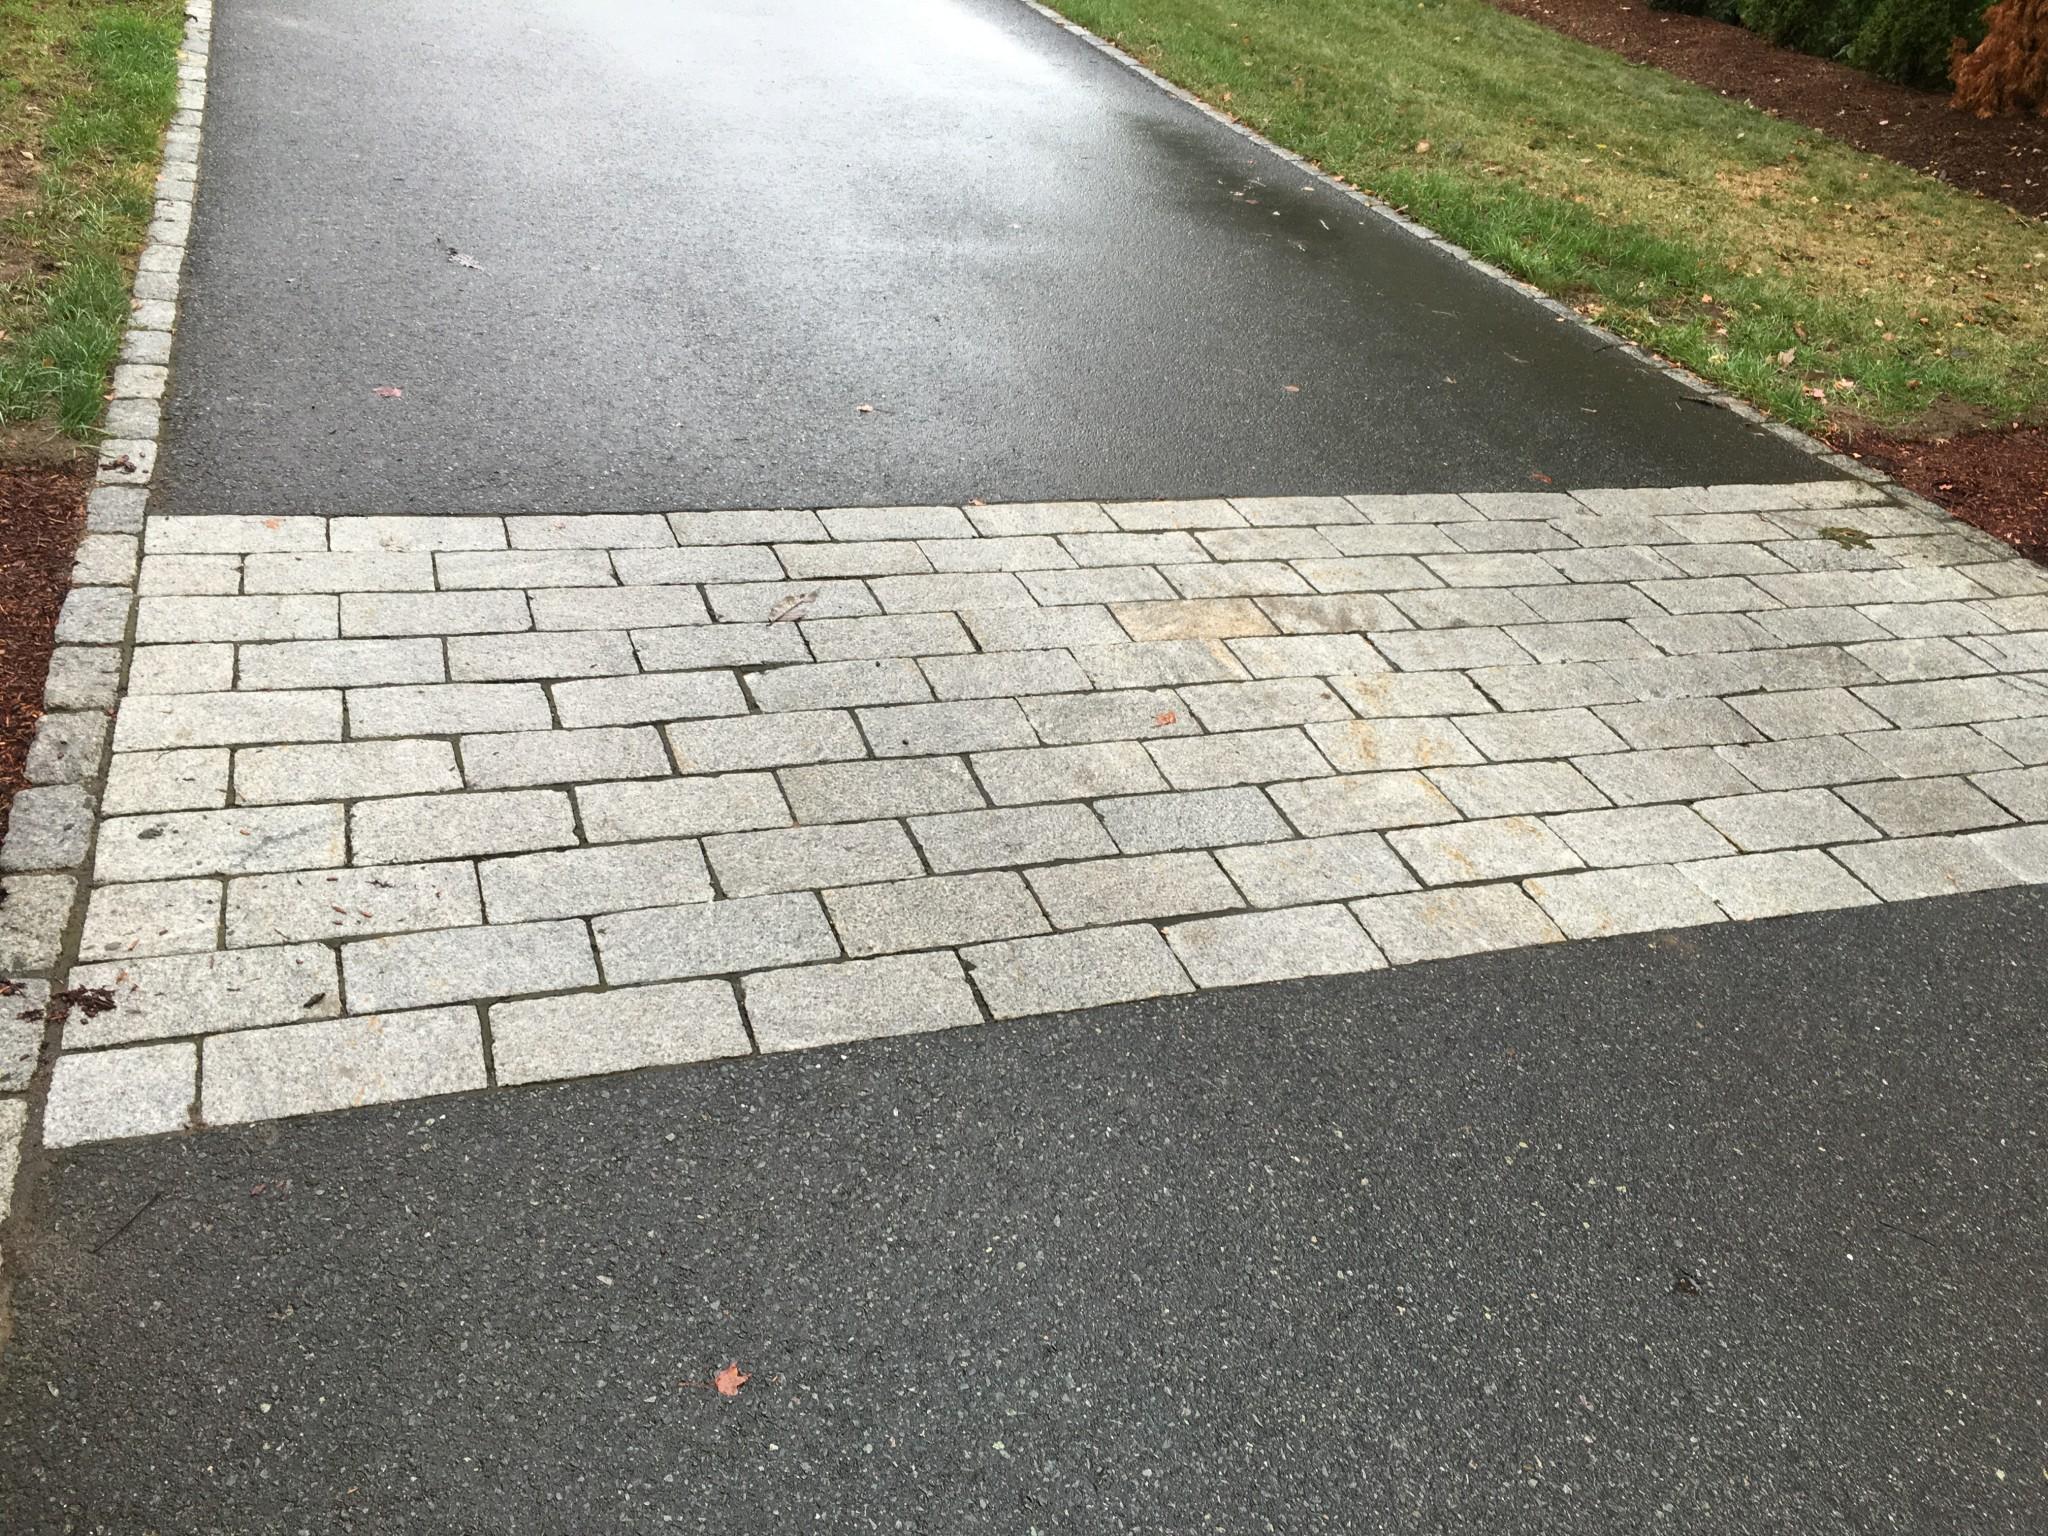 driveway-aprons_32663106000_o